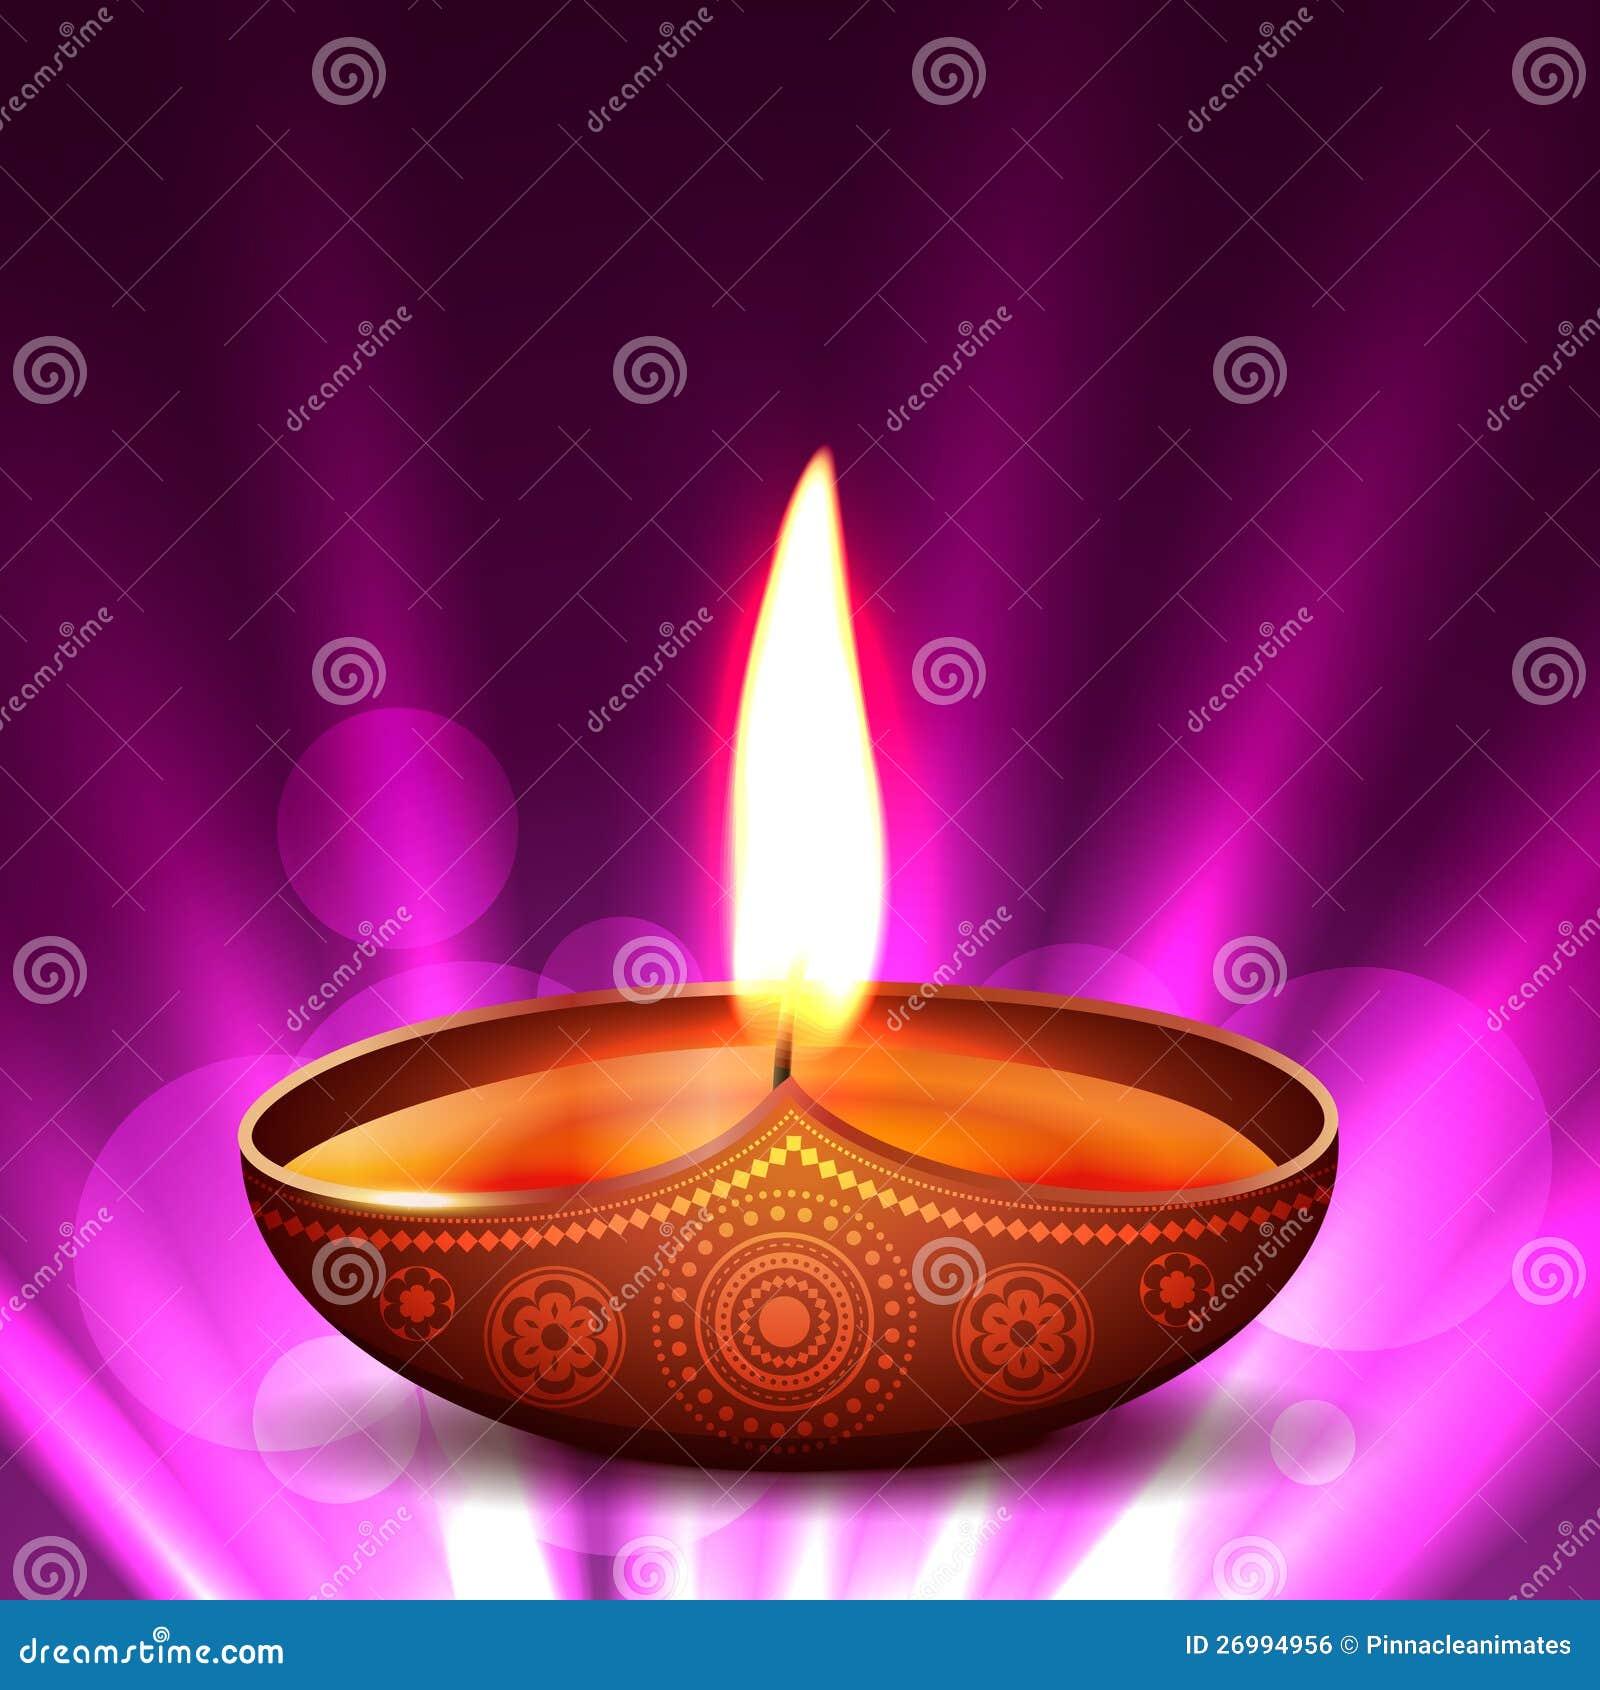 Vector Diwali Diya Royalty Free Stock Image - Image: 26994956